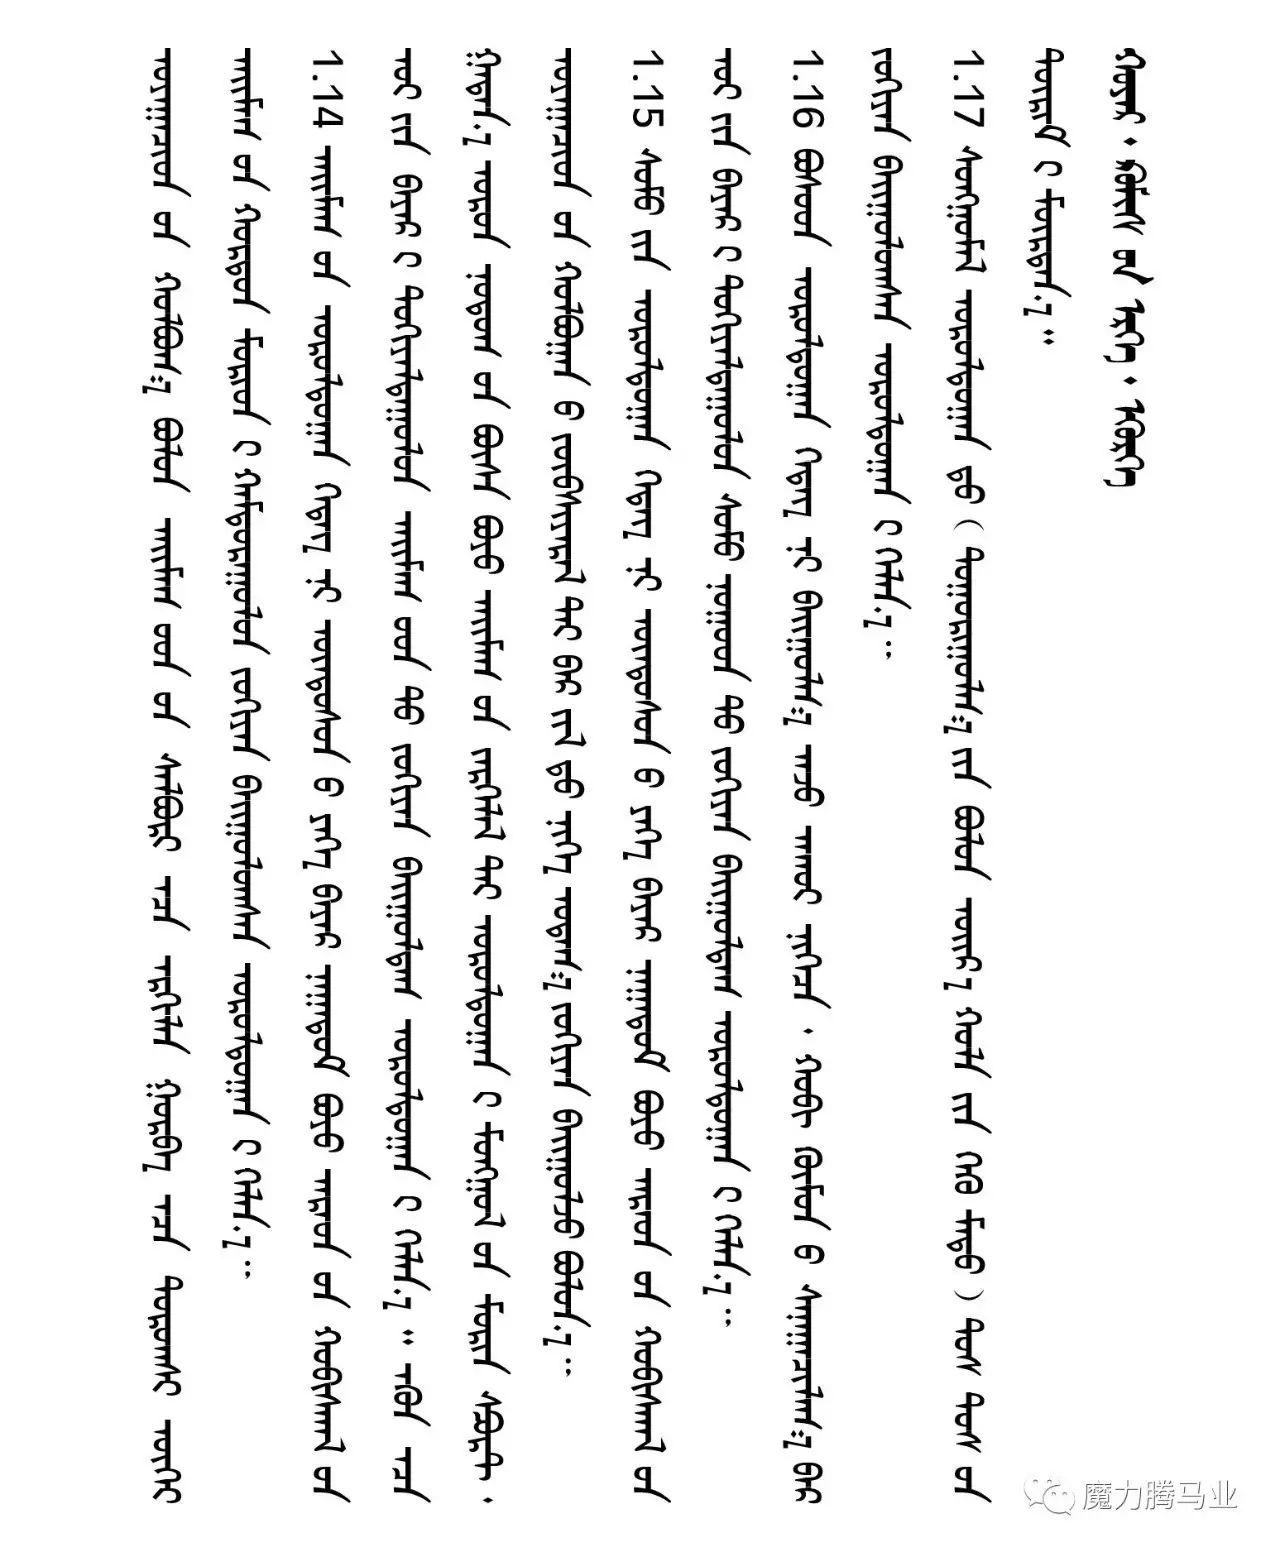 蒙古国赛马章程介绍 第15张 蒙古国赛马章程介绍 蒙古文库